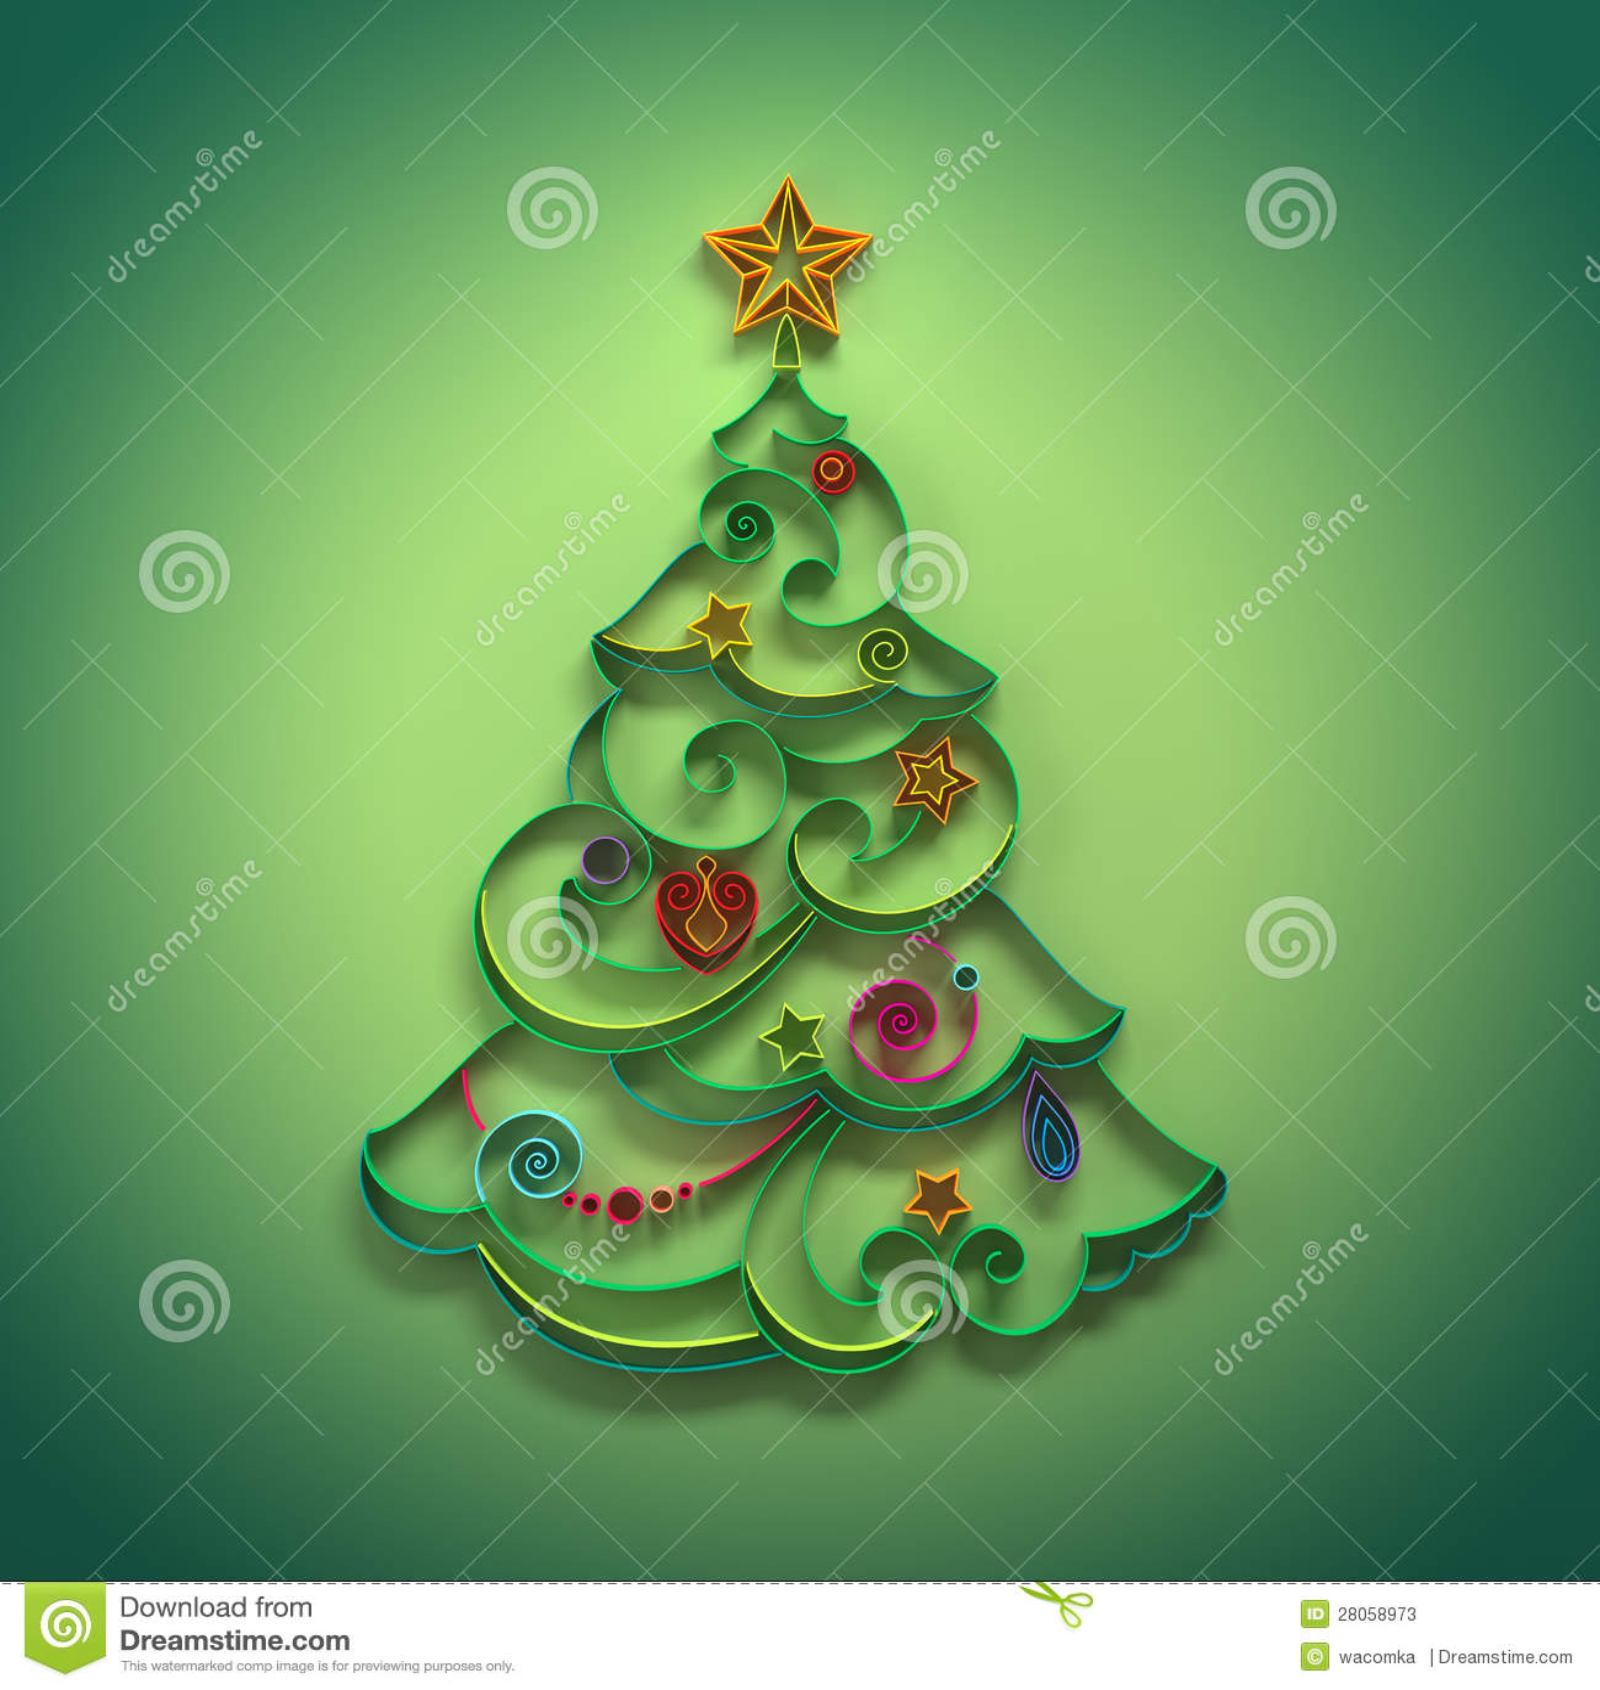 Albero Di Natale Quilling.Decorazione Della Conifera Dell Albero Di Natale Che Quilling Illustrazione Di Stock Illustrazione Di Decorativo Filigree 28058973